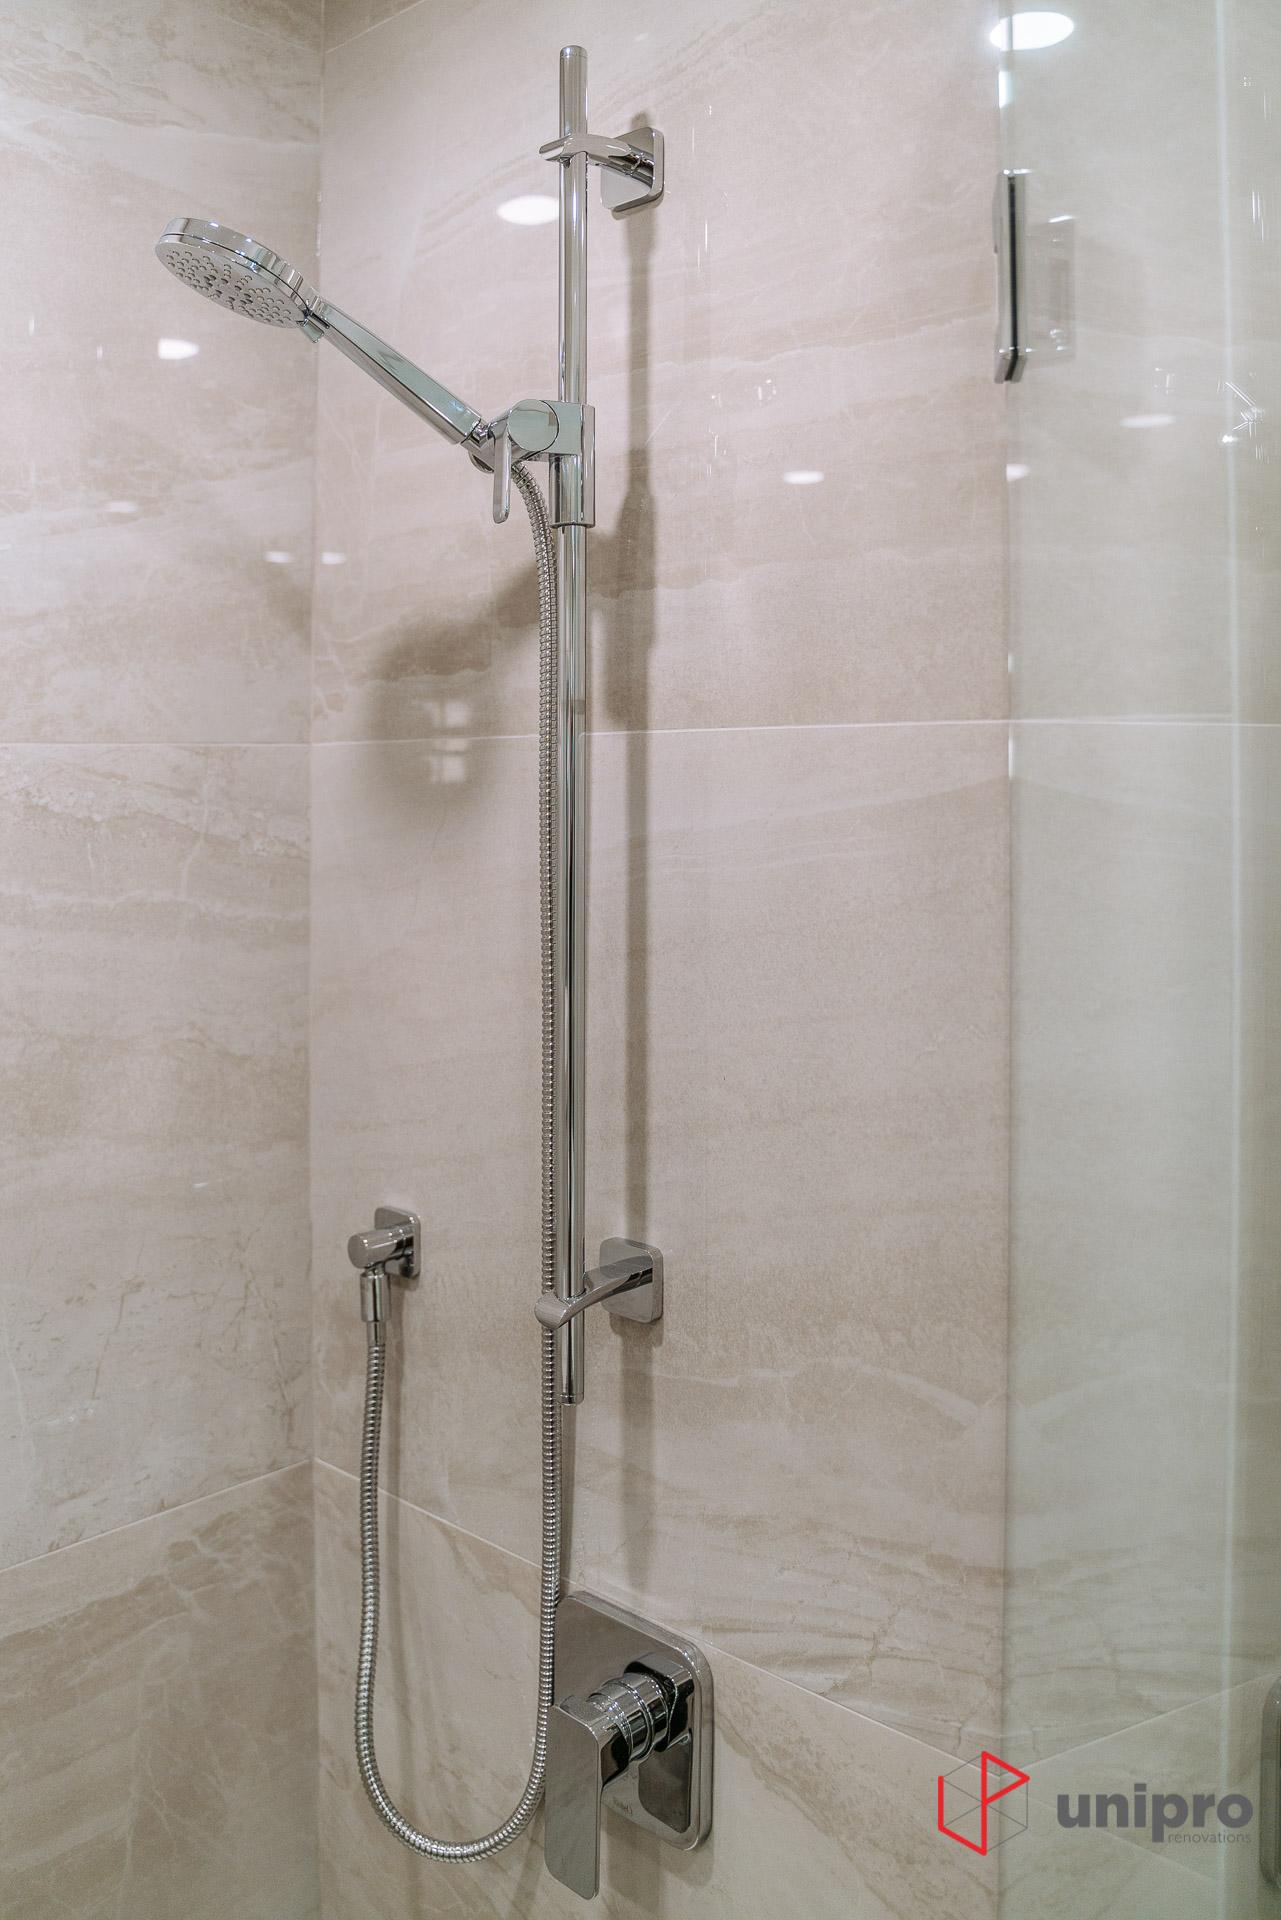 north-vancouver-bathroom-renovation-26